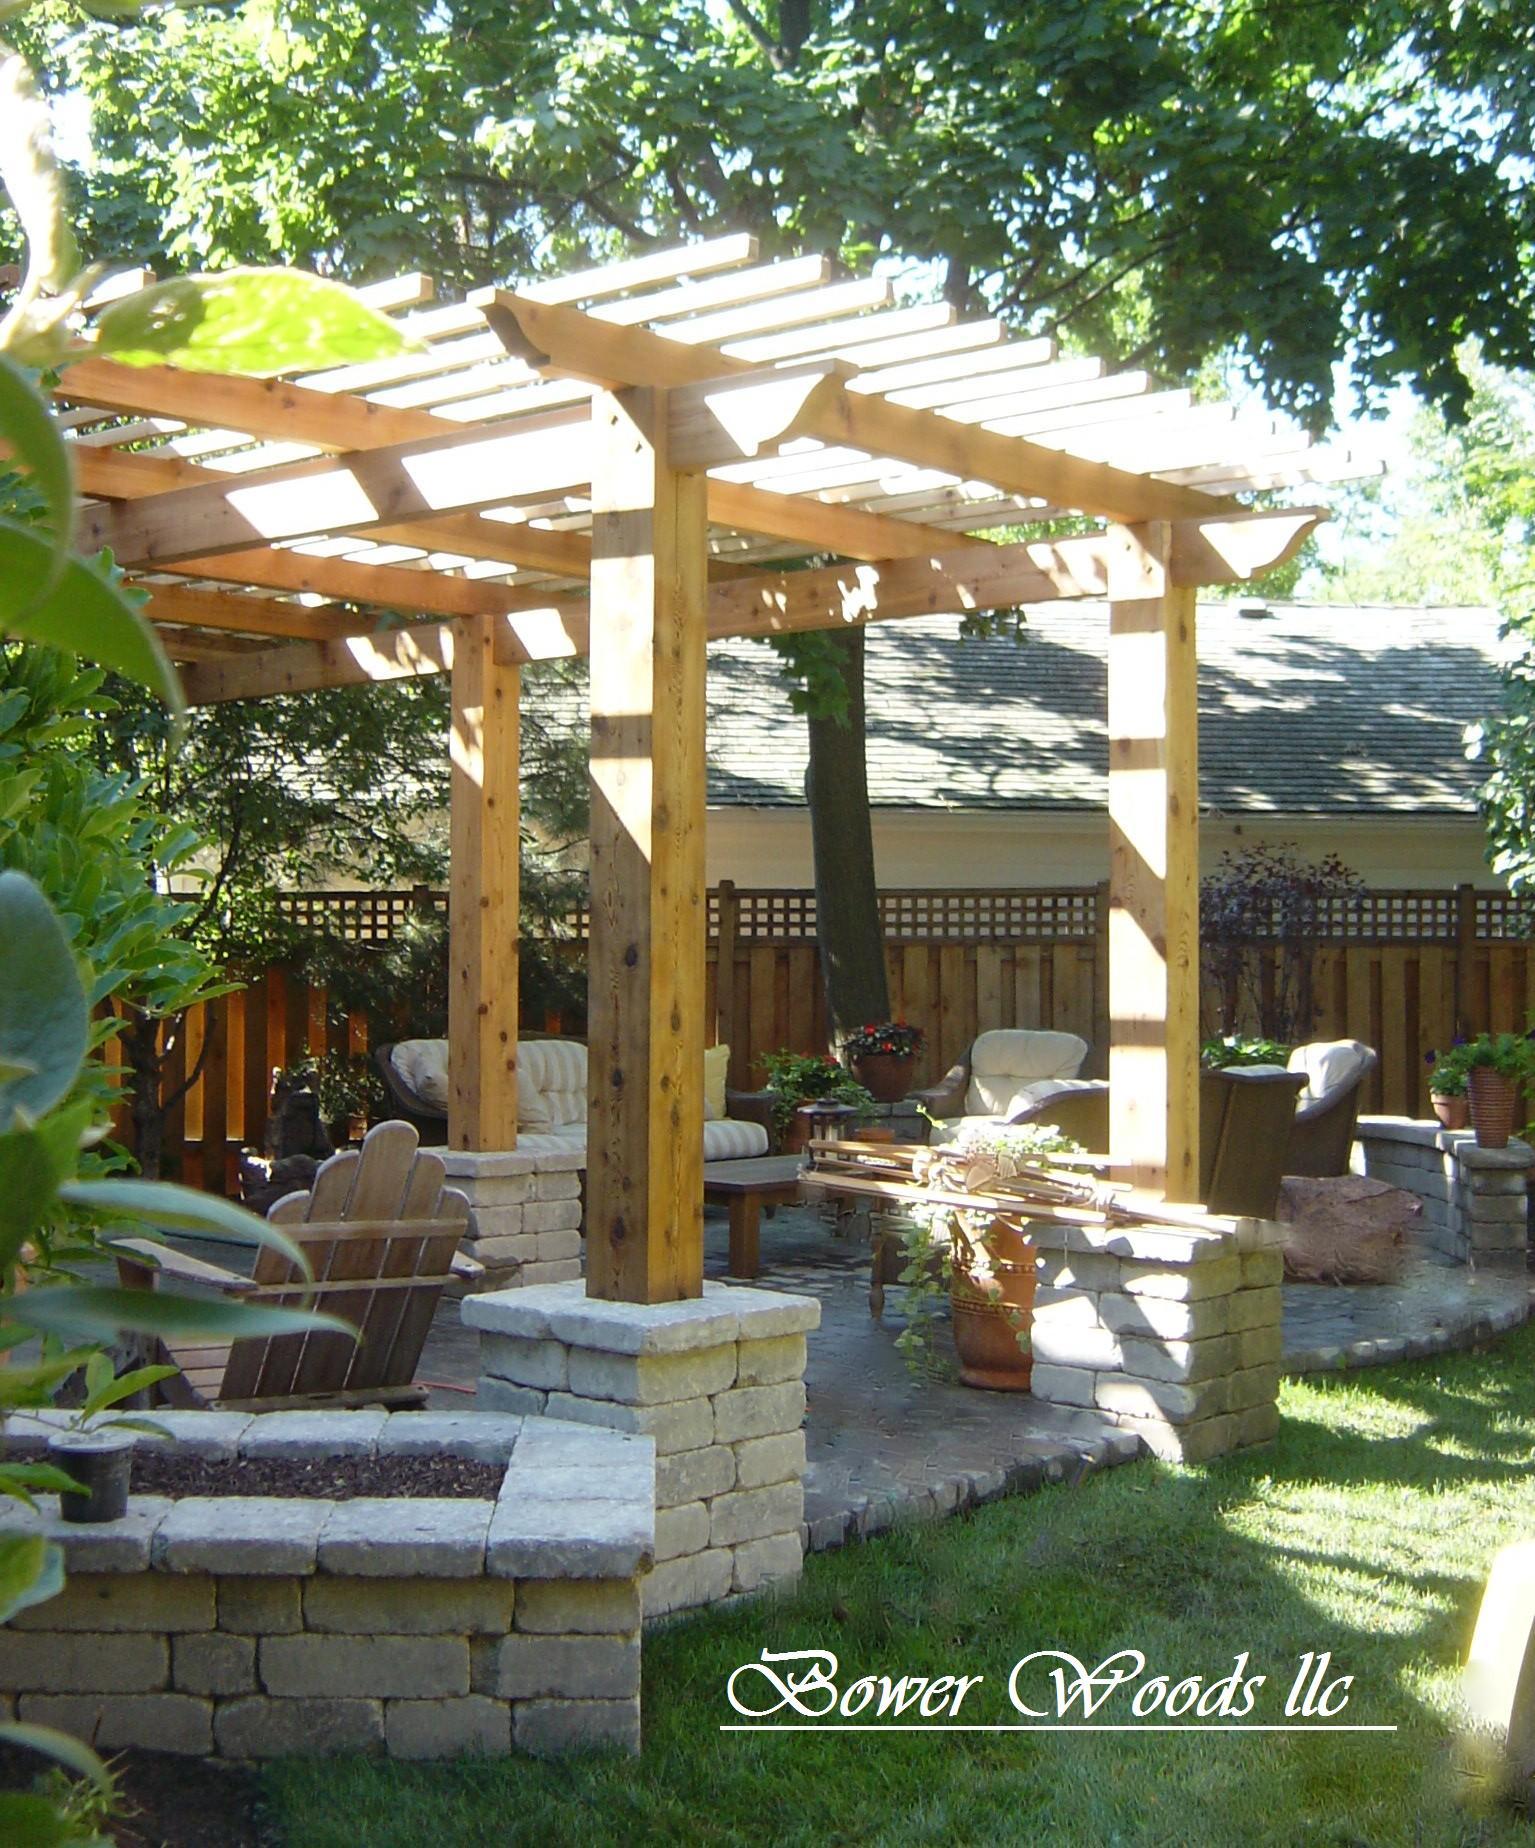 Pergola Landscaping Ideas: Bower Woods Llc. Custom Garden Structures, Rustic Pergolas